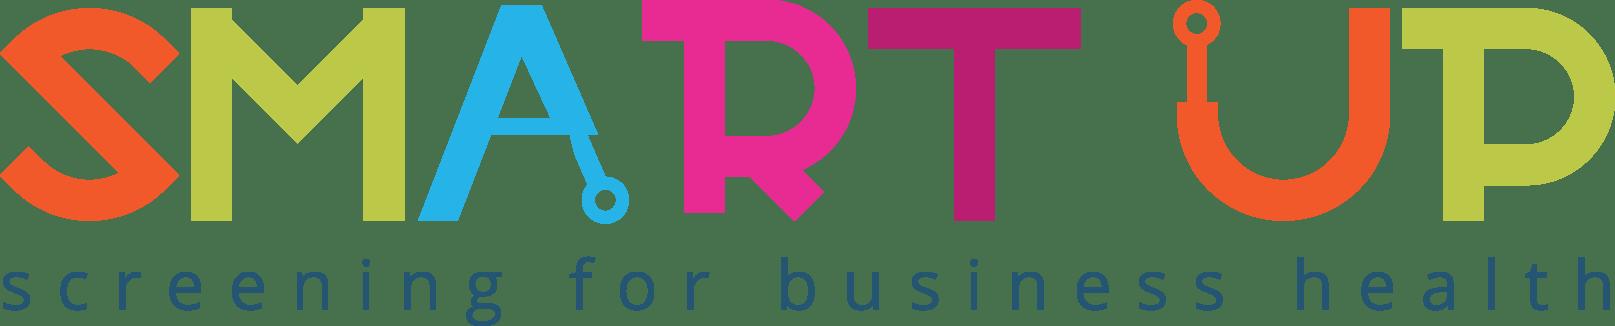 smart up - final logo